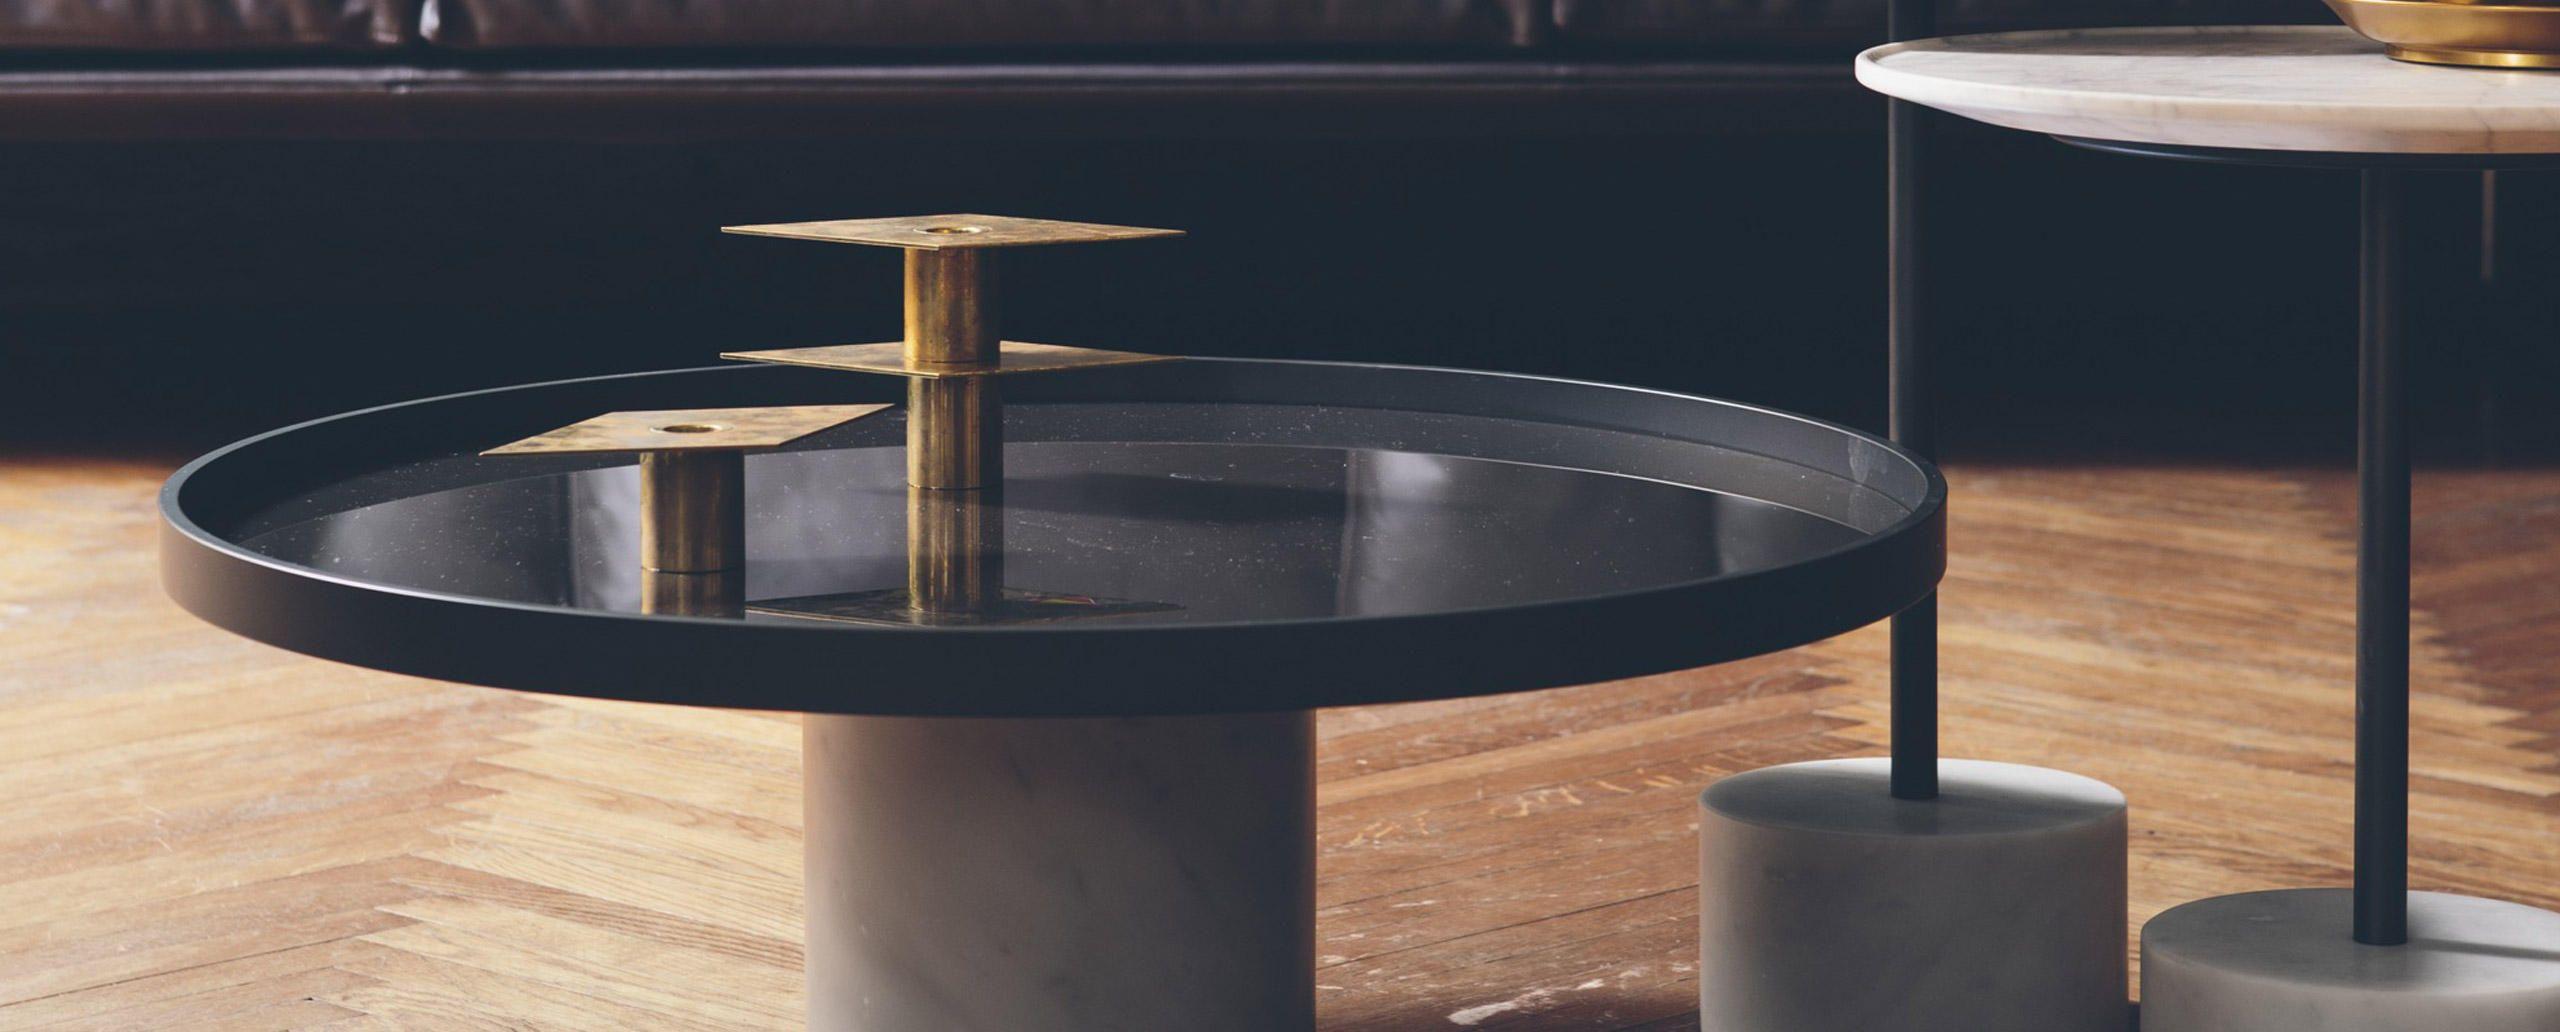 194 9 Coffee Table by Cassina Via Designresource